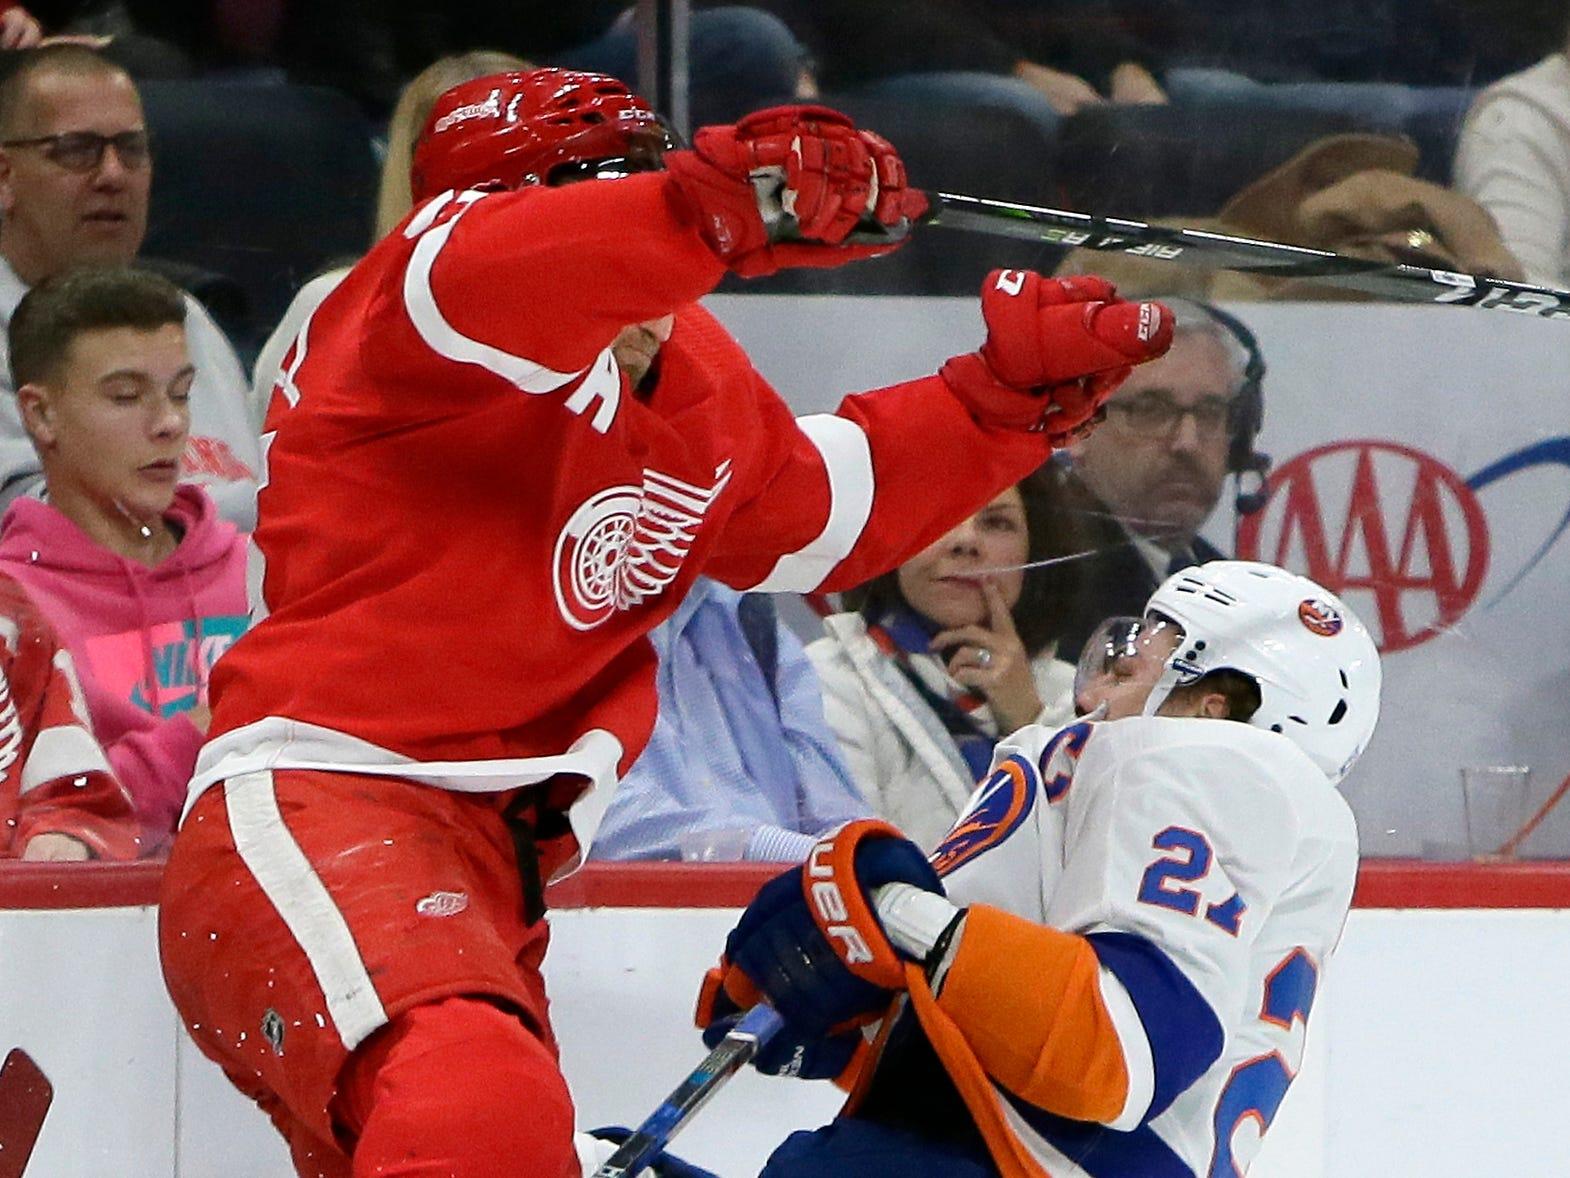 Detroit Red Wings defenseman Niklas Kronwall (55) checks New York Islanders left wing Anders Lee (27) during the first period.